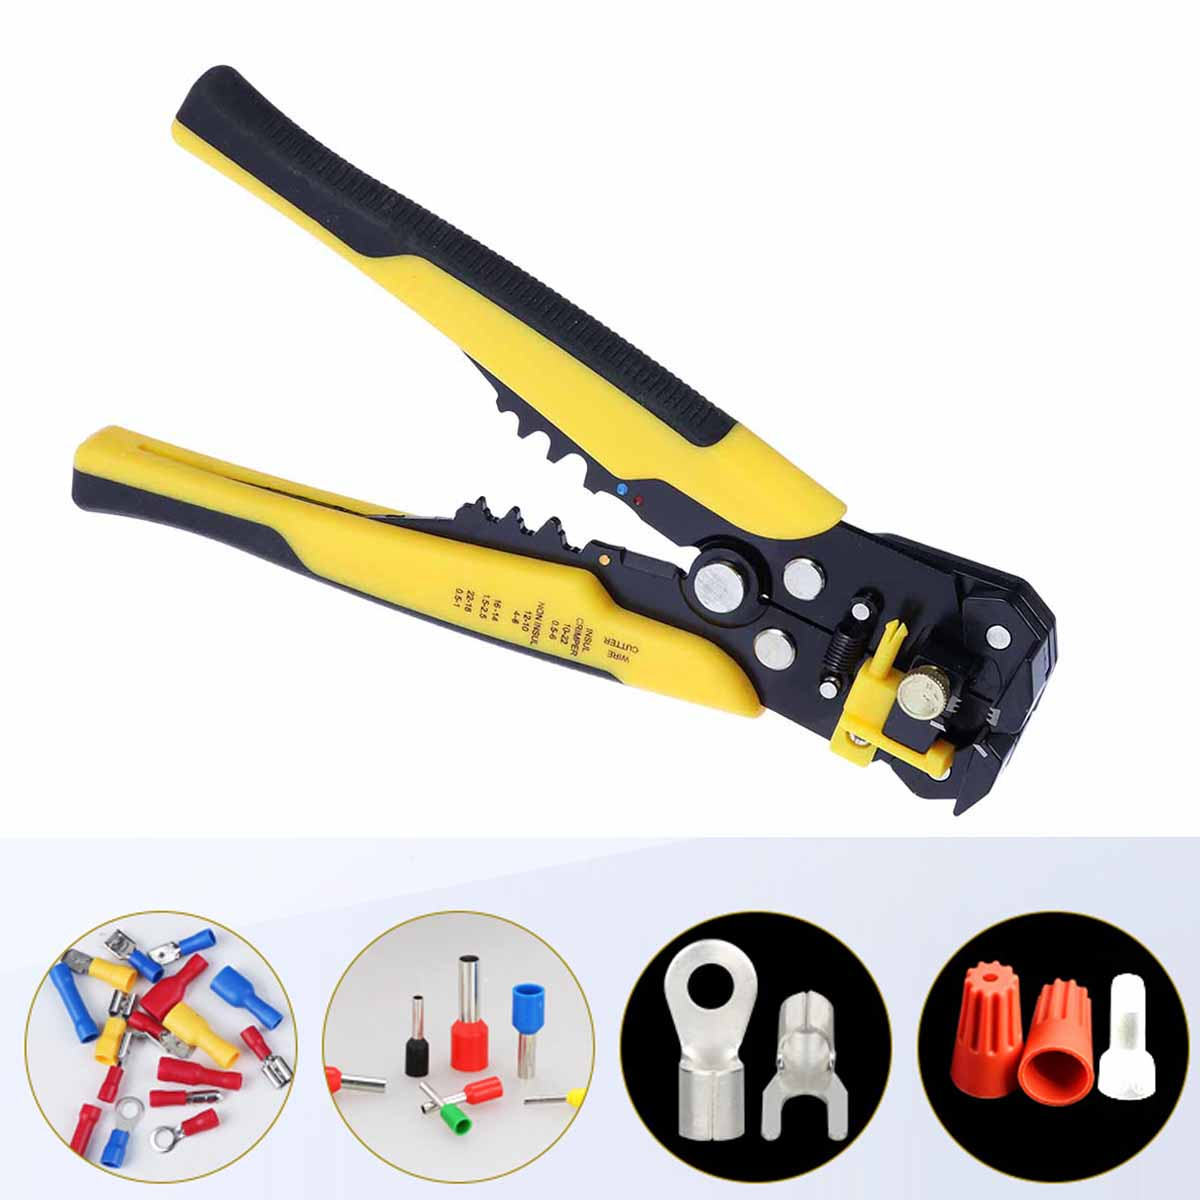 Multi-zweck Kabel Cutter Crimper Draht Cutter Kabel Stripper Abisolieren Werkzeug Snips Schleifen Draht Stripper Computer & Büro Networking